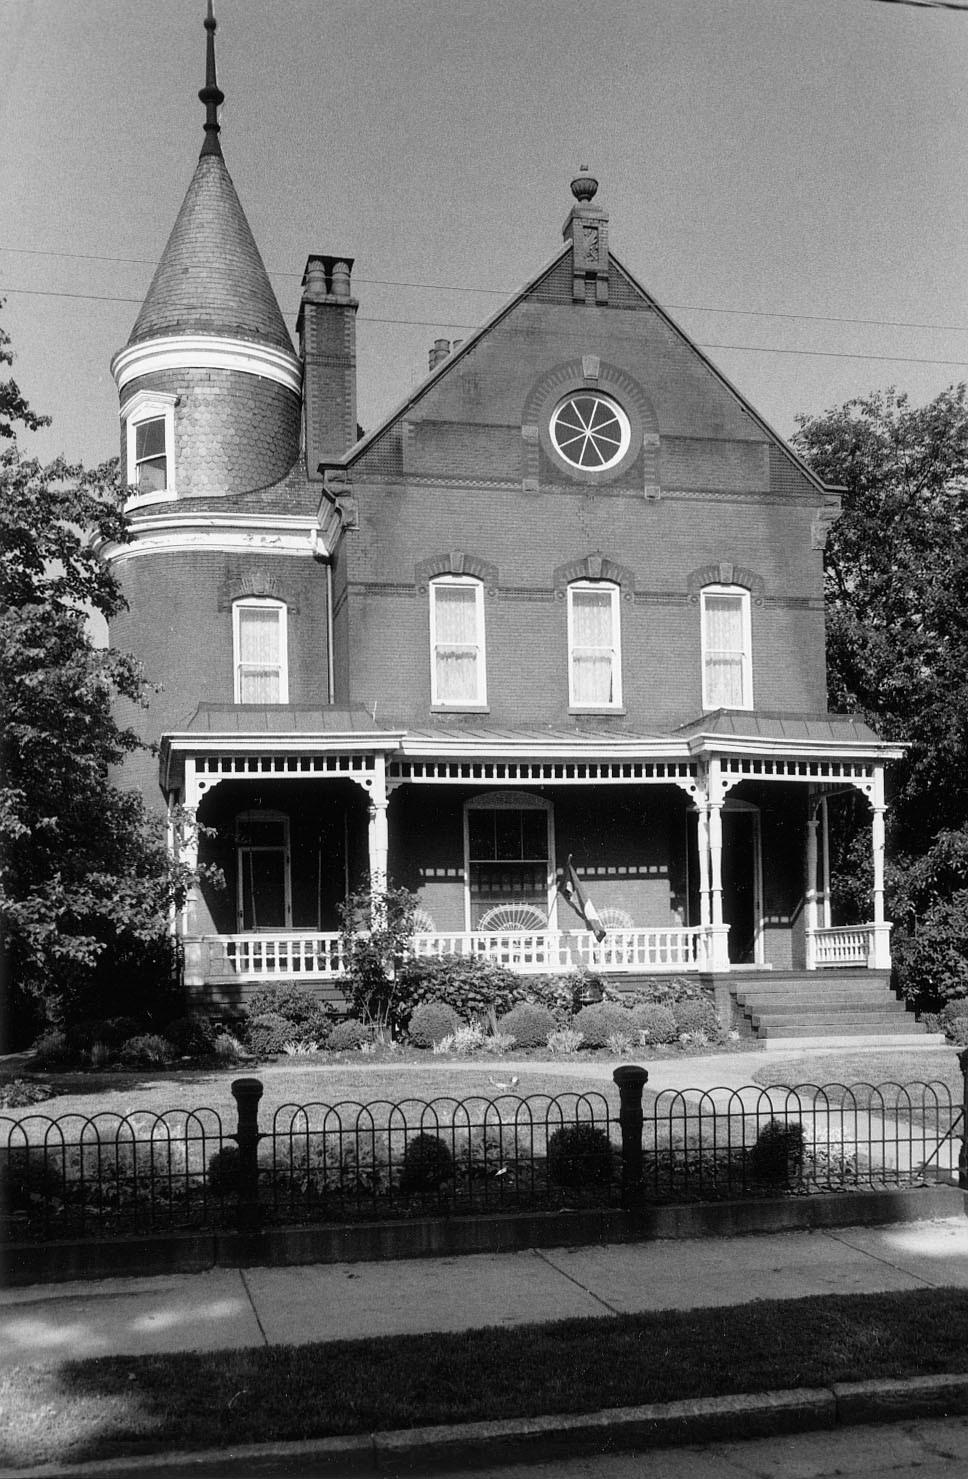 William McKenney House